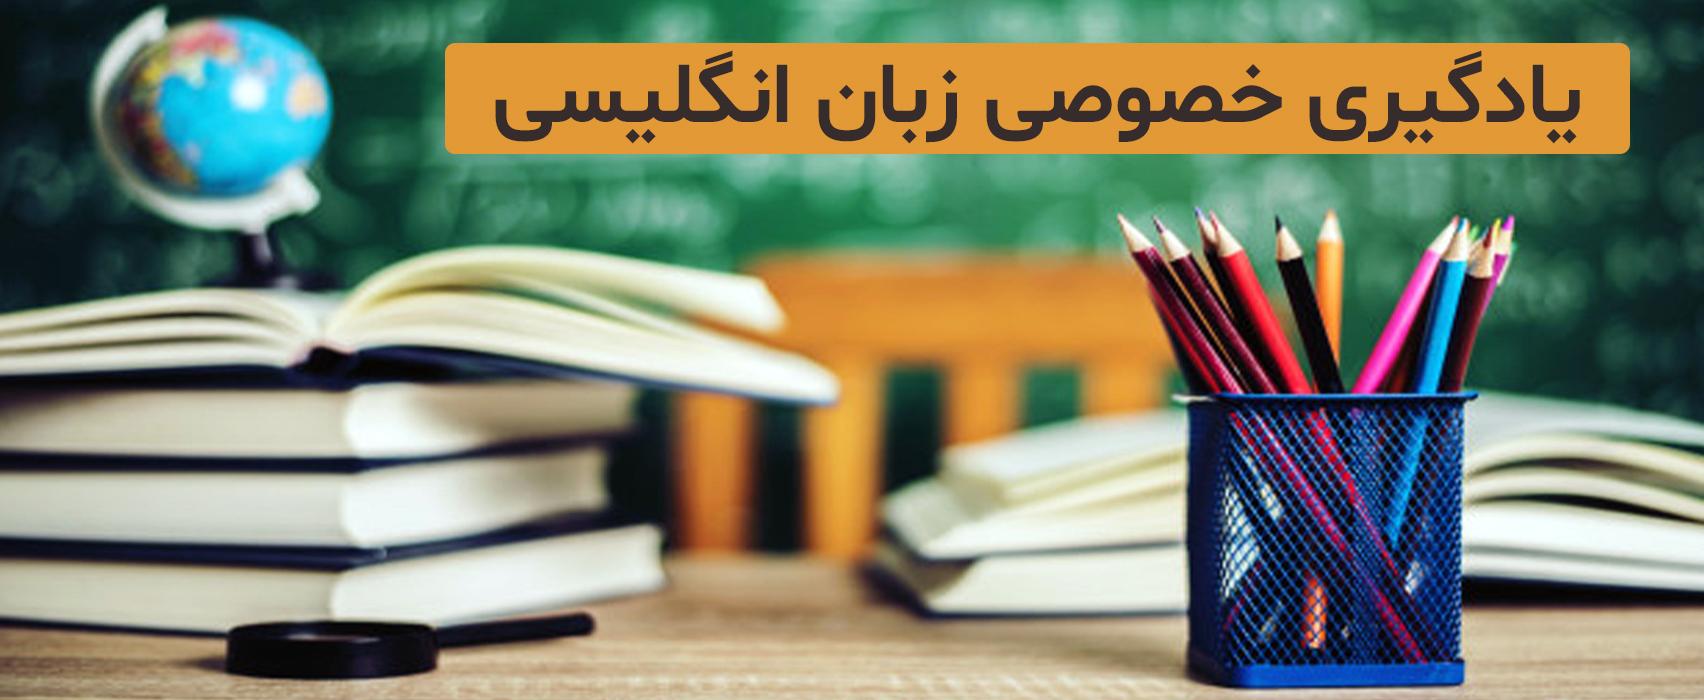 تدریس زبان انگلیسی با مدرسین مجرب